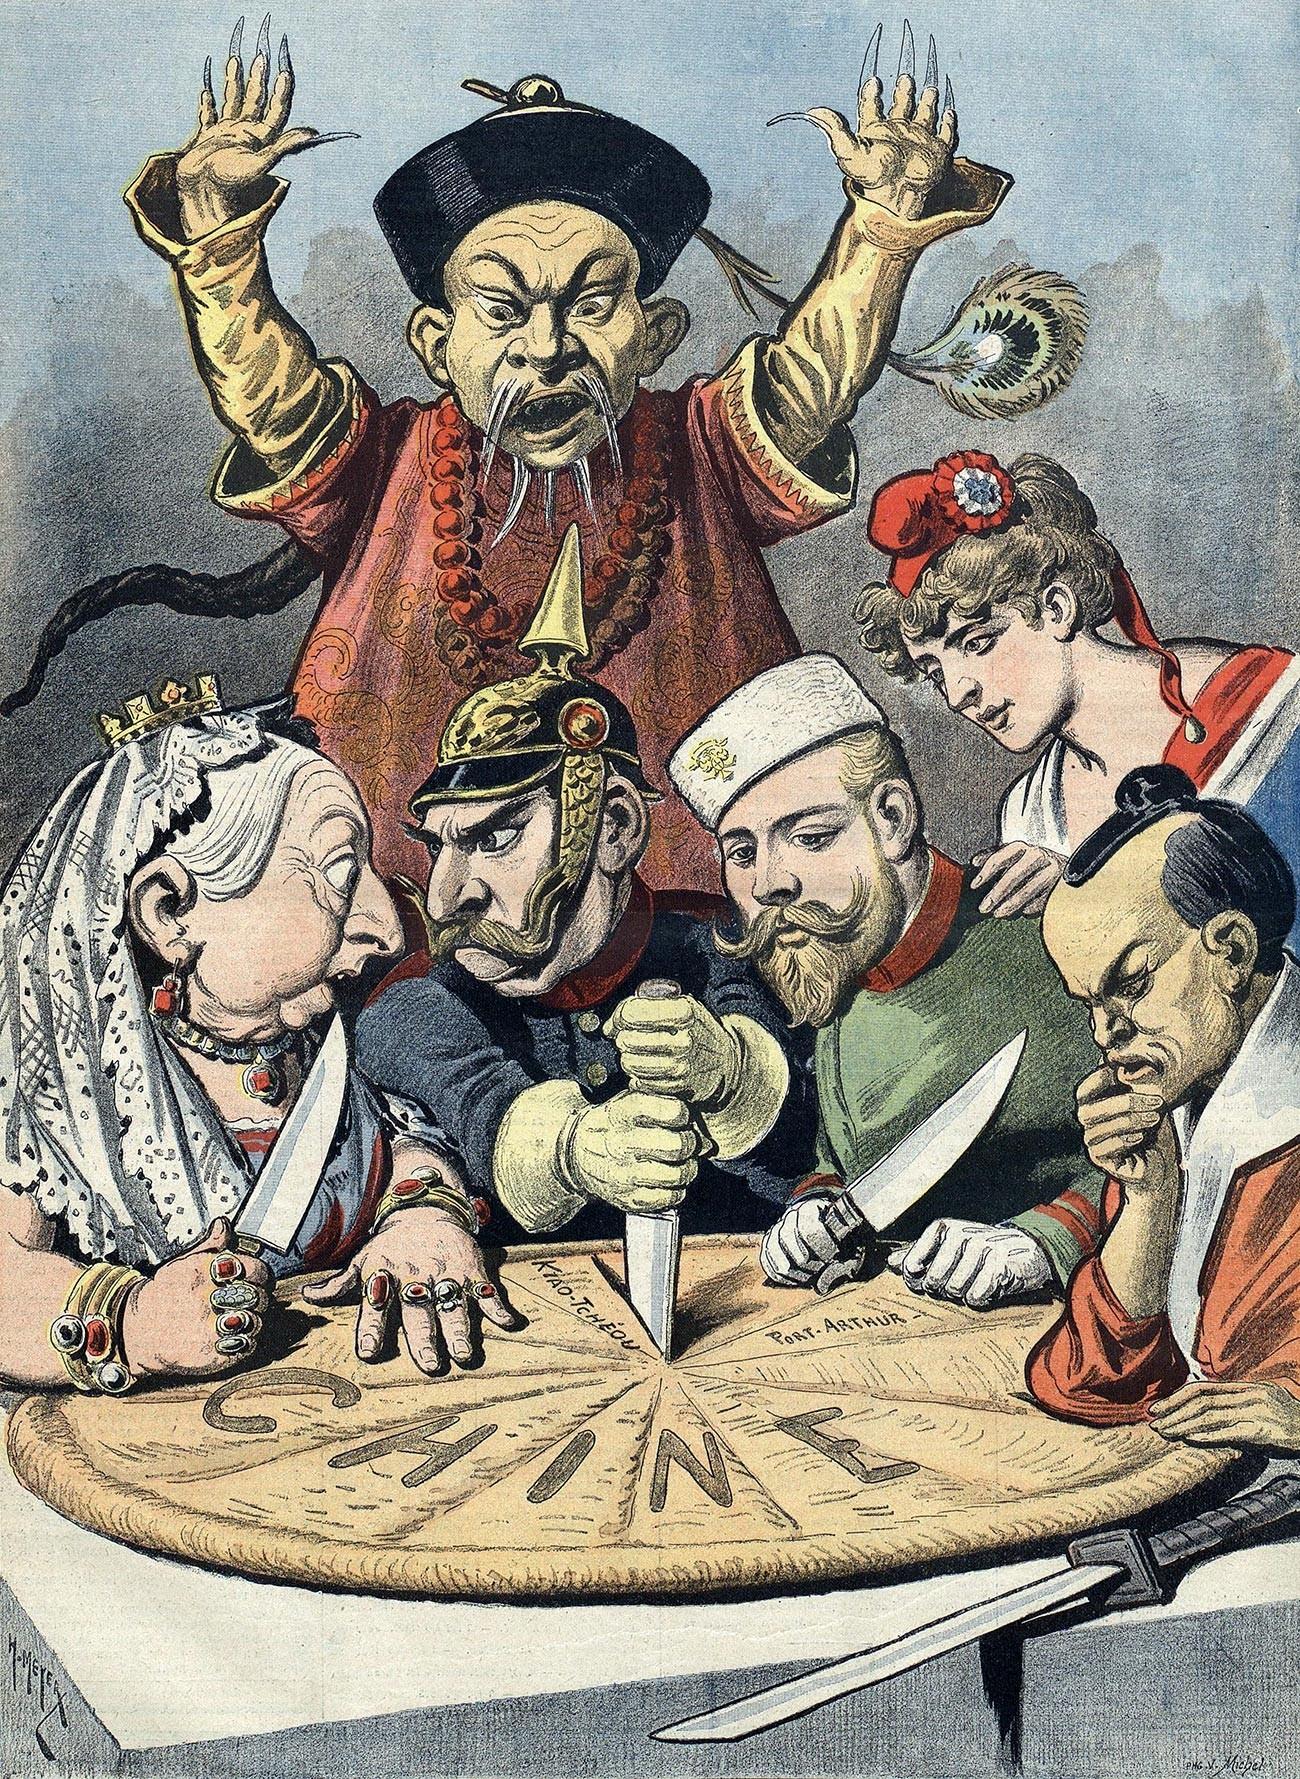 Caricatura política francesa do final dos anos 1890.